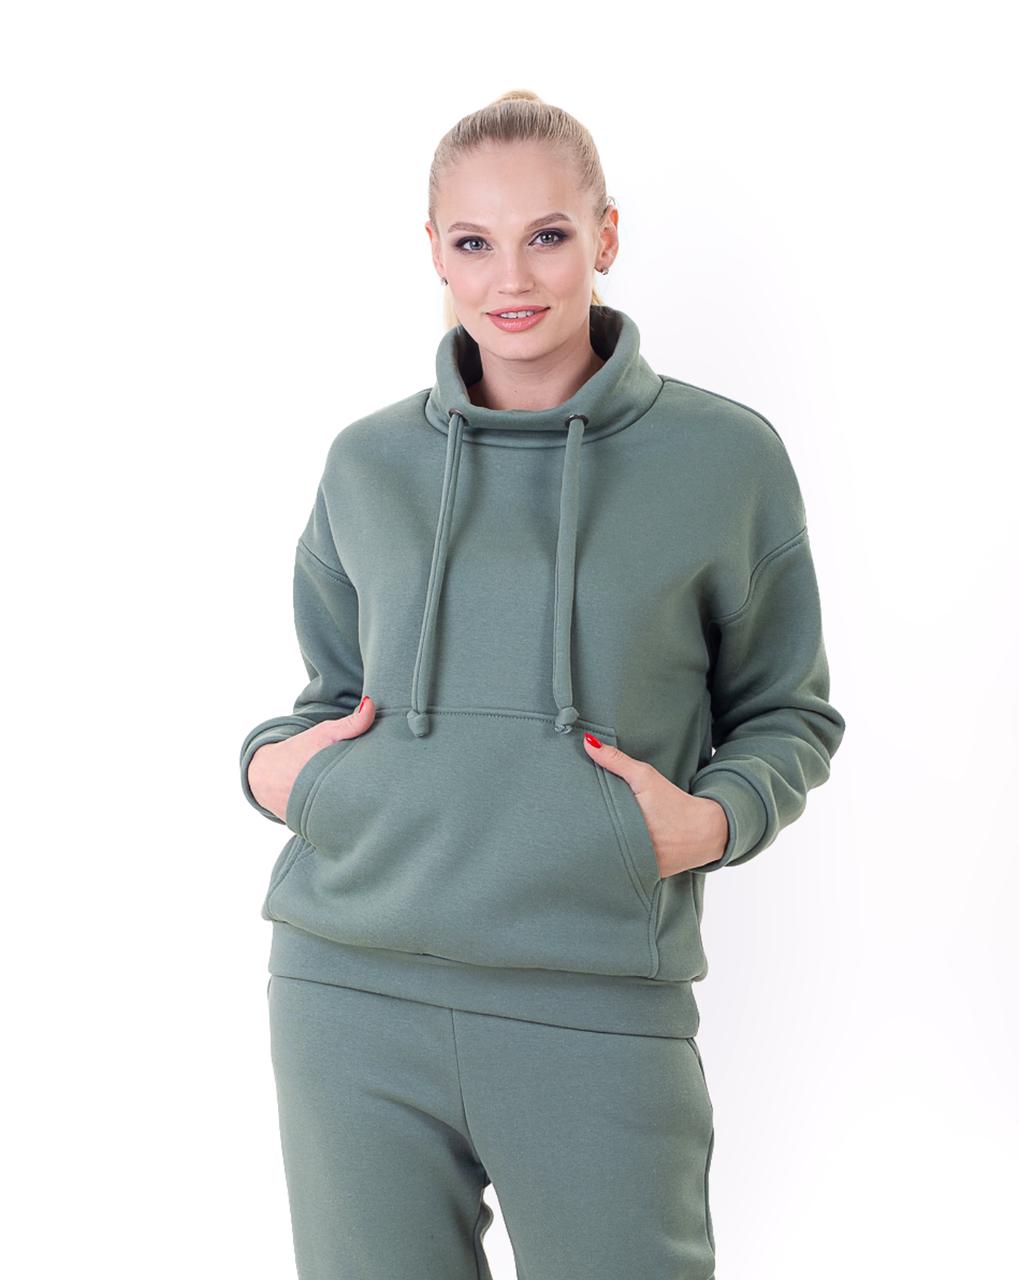 Теплый спортивный костюм от украинского производителя